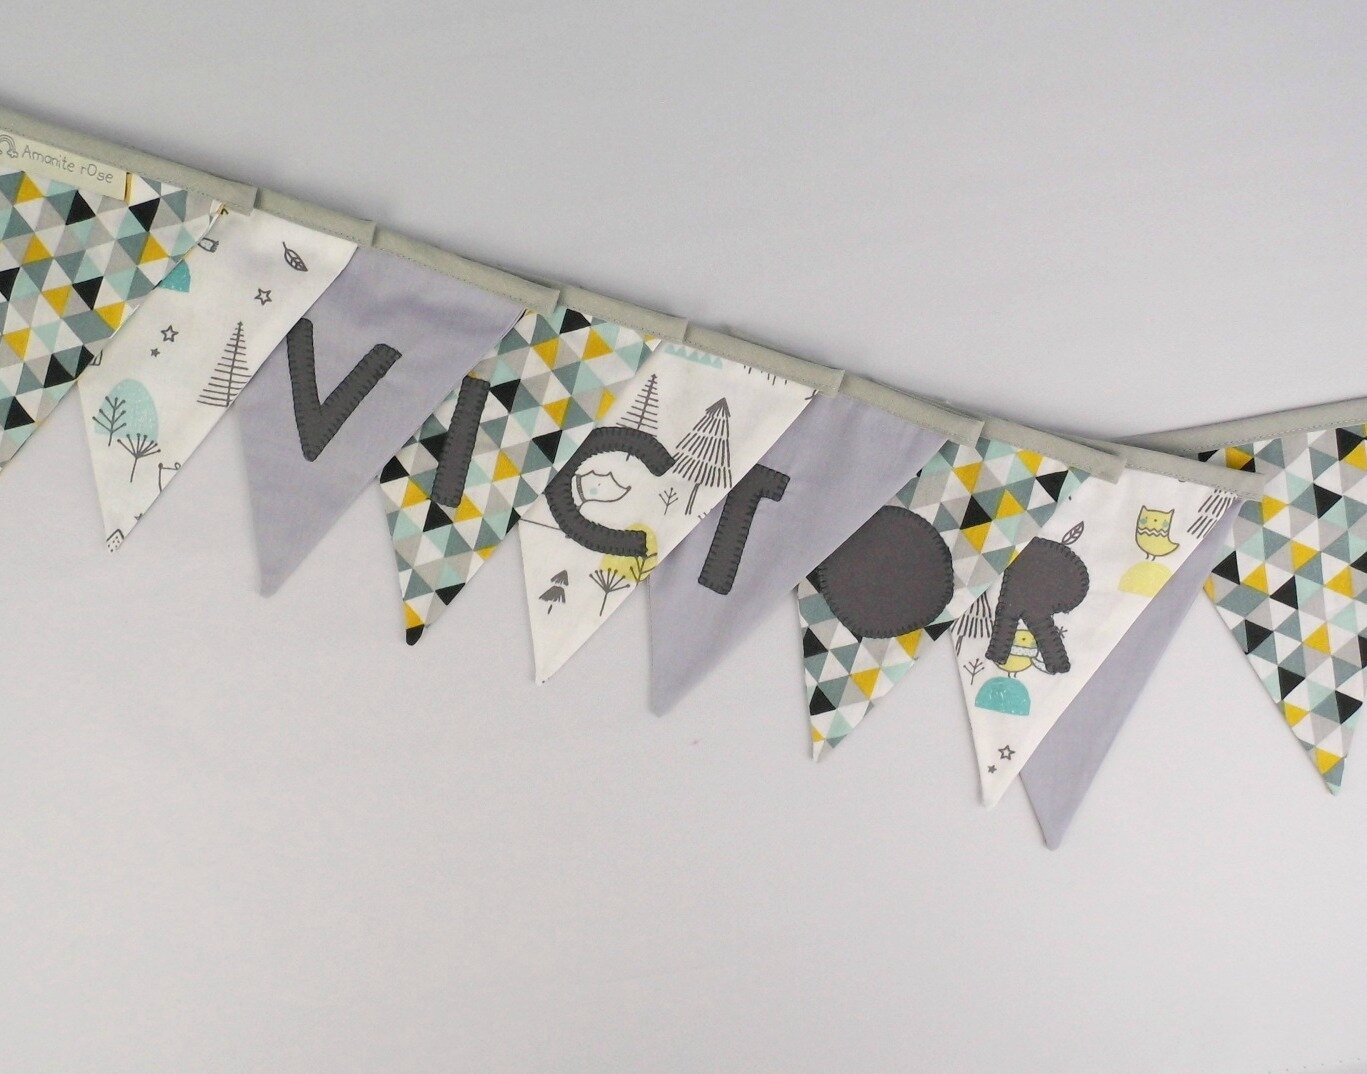 Guirlande fanions prénom Victor banderole personnalisé prénom couleurs vert menthe moutarde jaune gris clair deco chambre bébé cadeau personnalisable baptême naissance